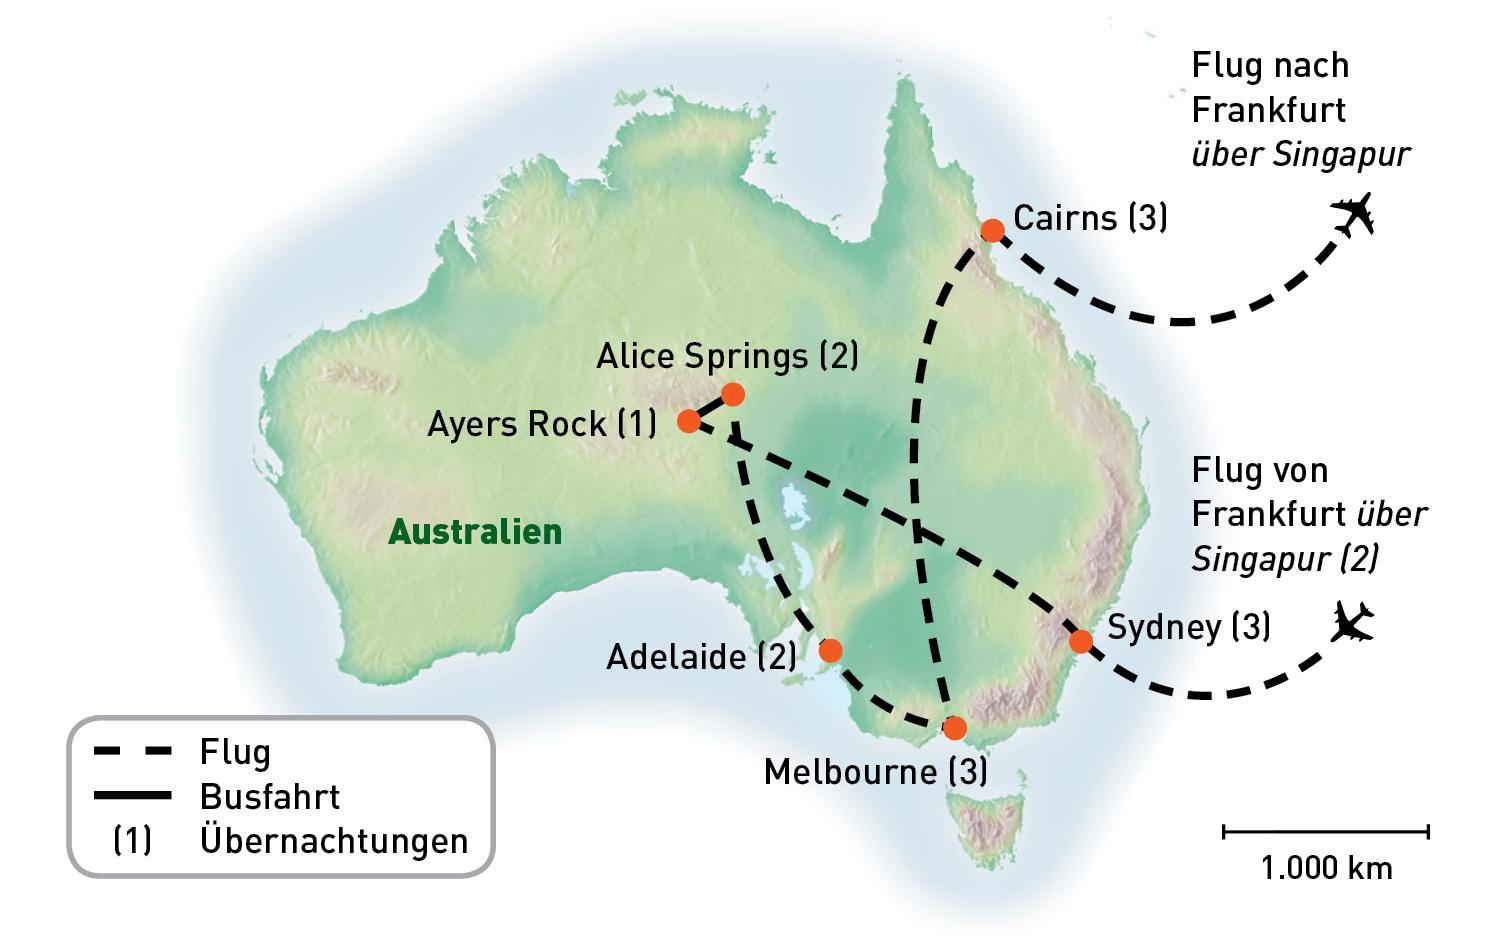 Routenkarte_Australien_AkzenteAustraliens_KiKa2020_RGB